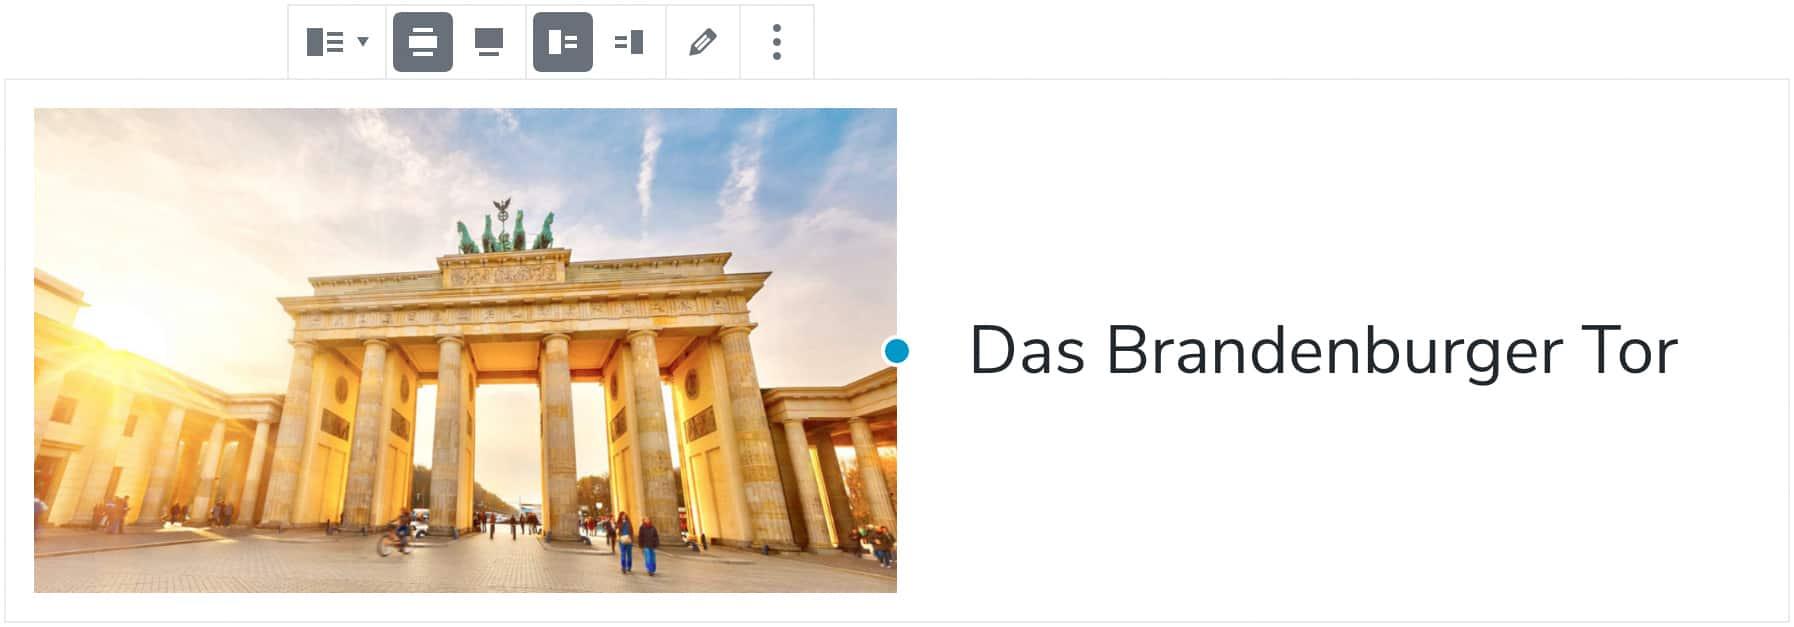 """Screenshot des Medien-und-Text-Blocks, nachdem ein Bild vom Brandenburger Tor und der Text """"Das Brandenburger Tor"""" hinzugefügt wurde."""